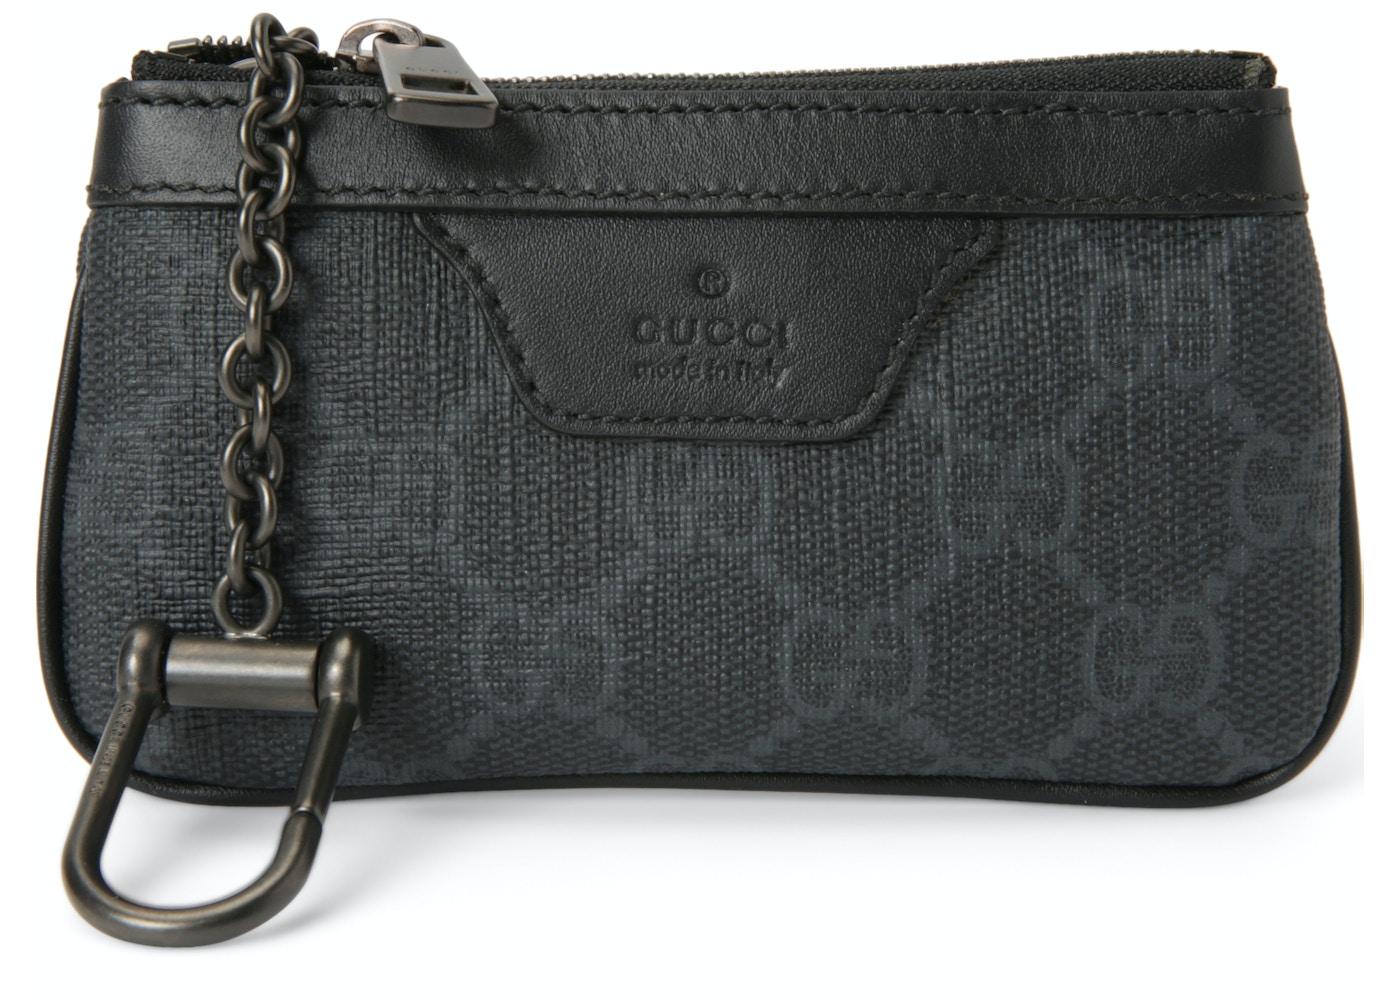 a142721be0c Gucci Key Pouch GG Supreme Grey Black. GG Supreme Grey Black